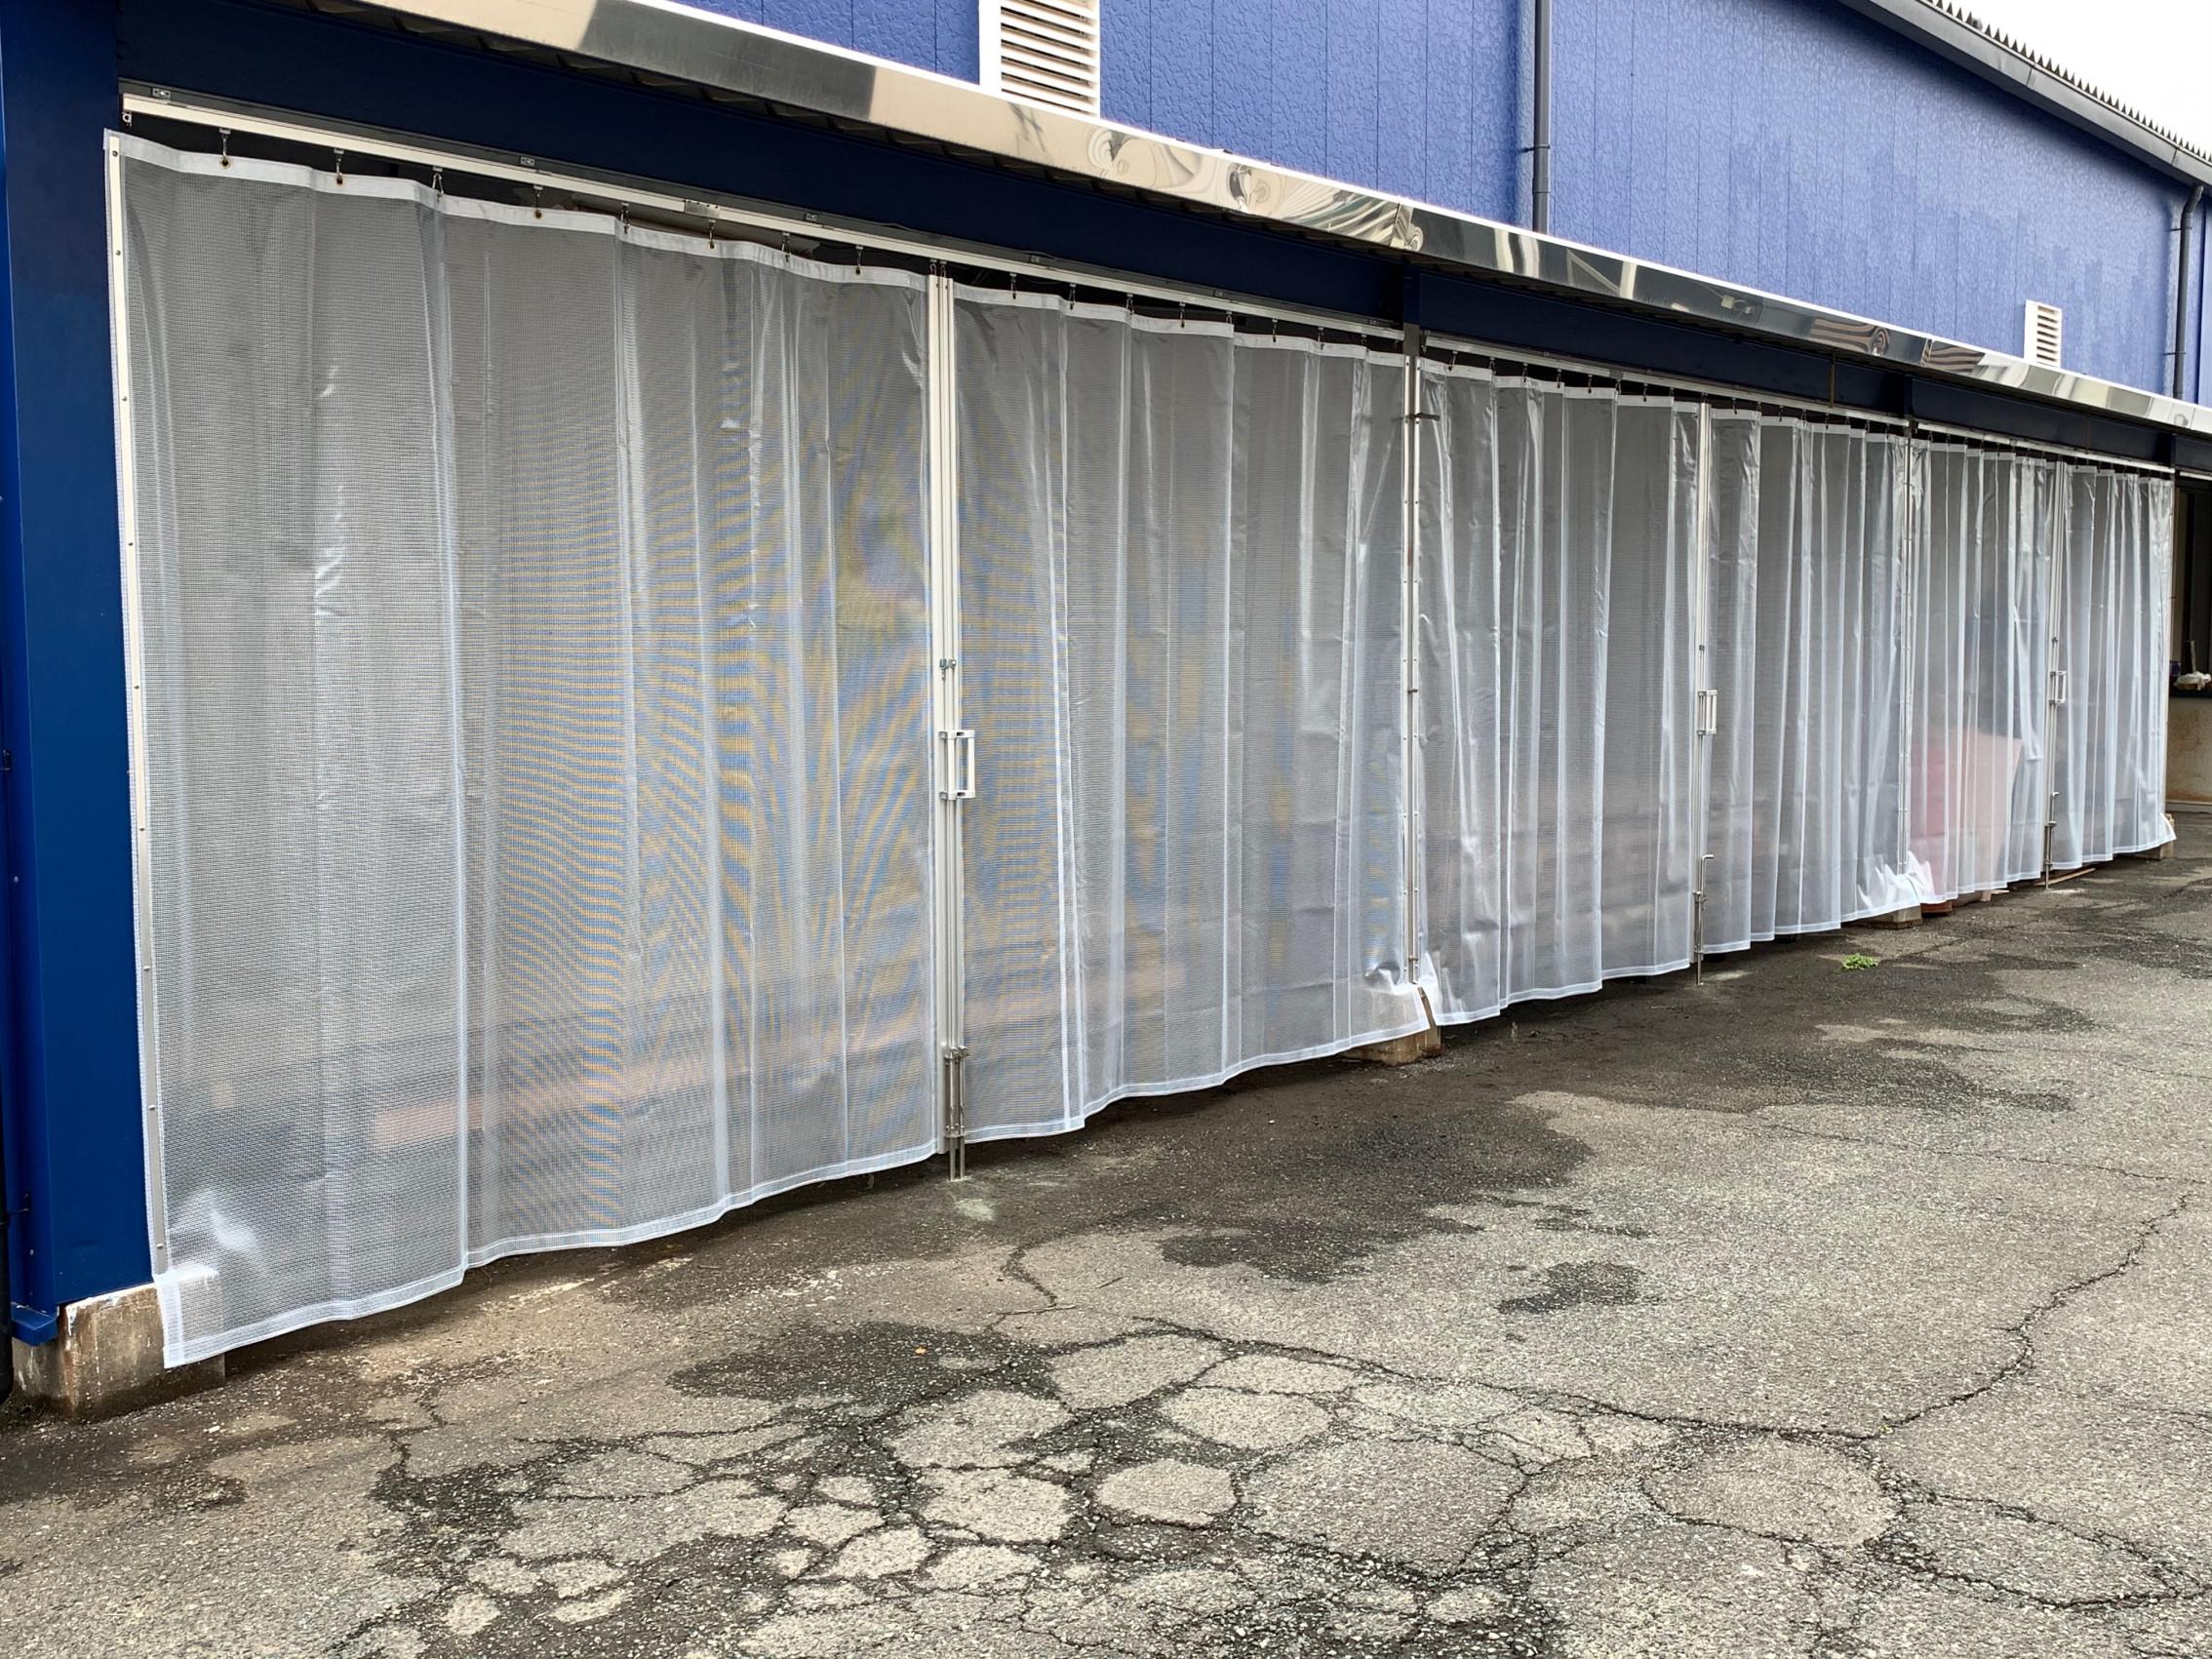 福岡県にて 間仕切りカーテン 設置させて頂きました。